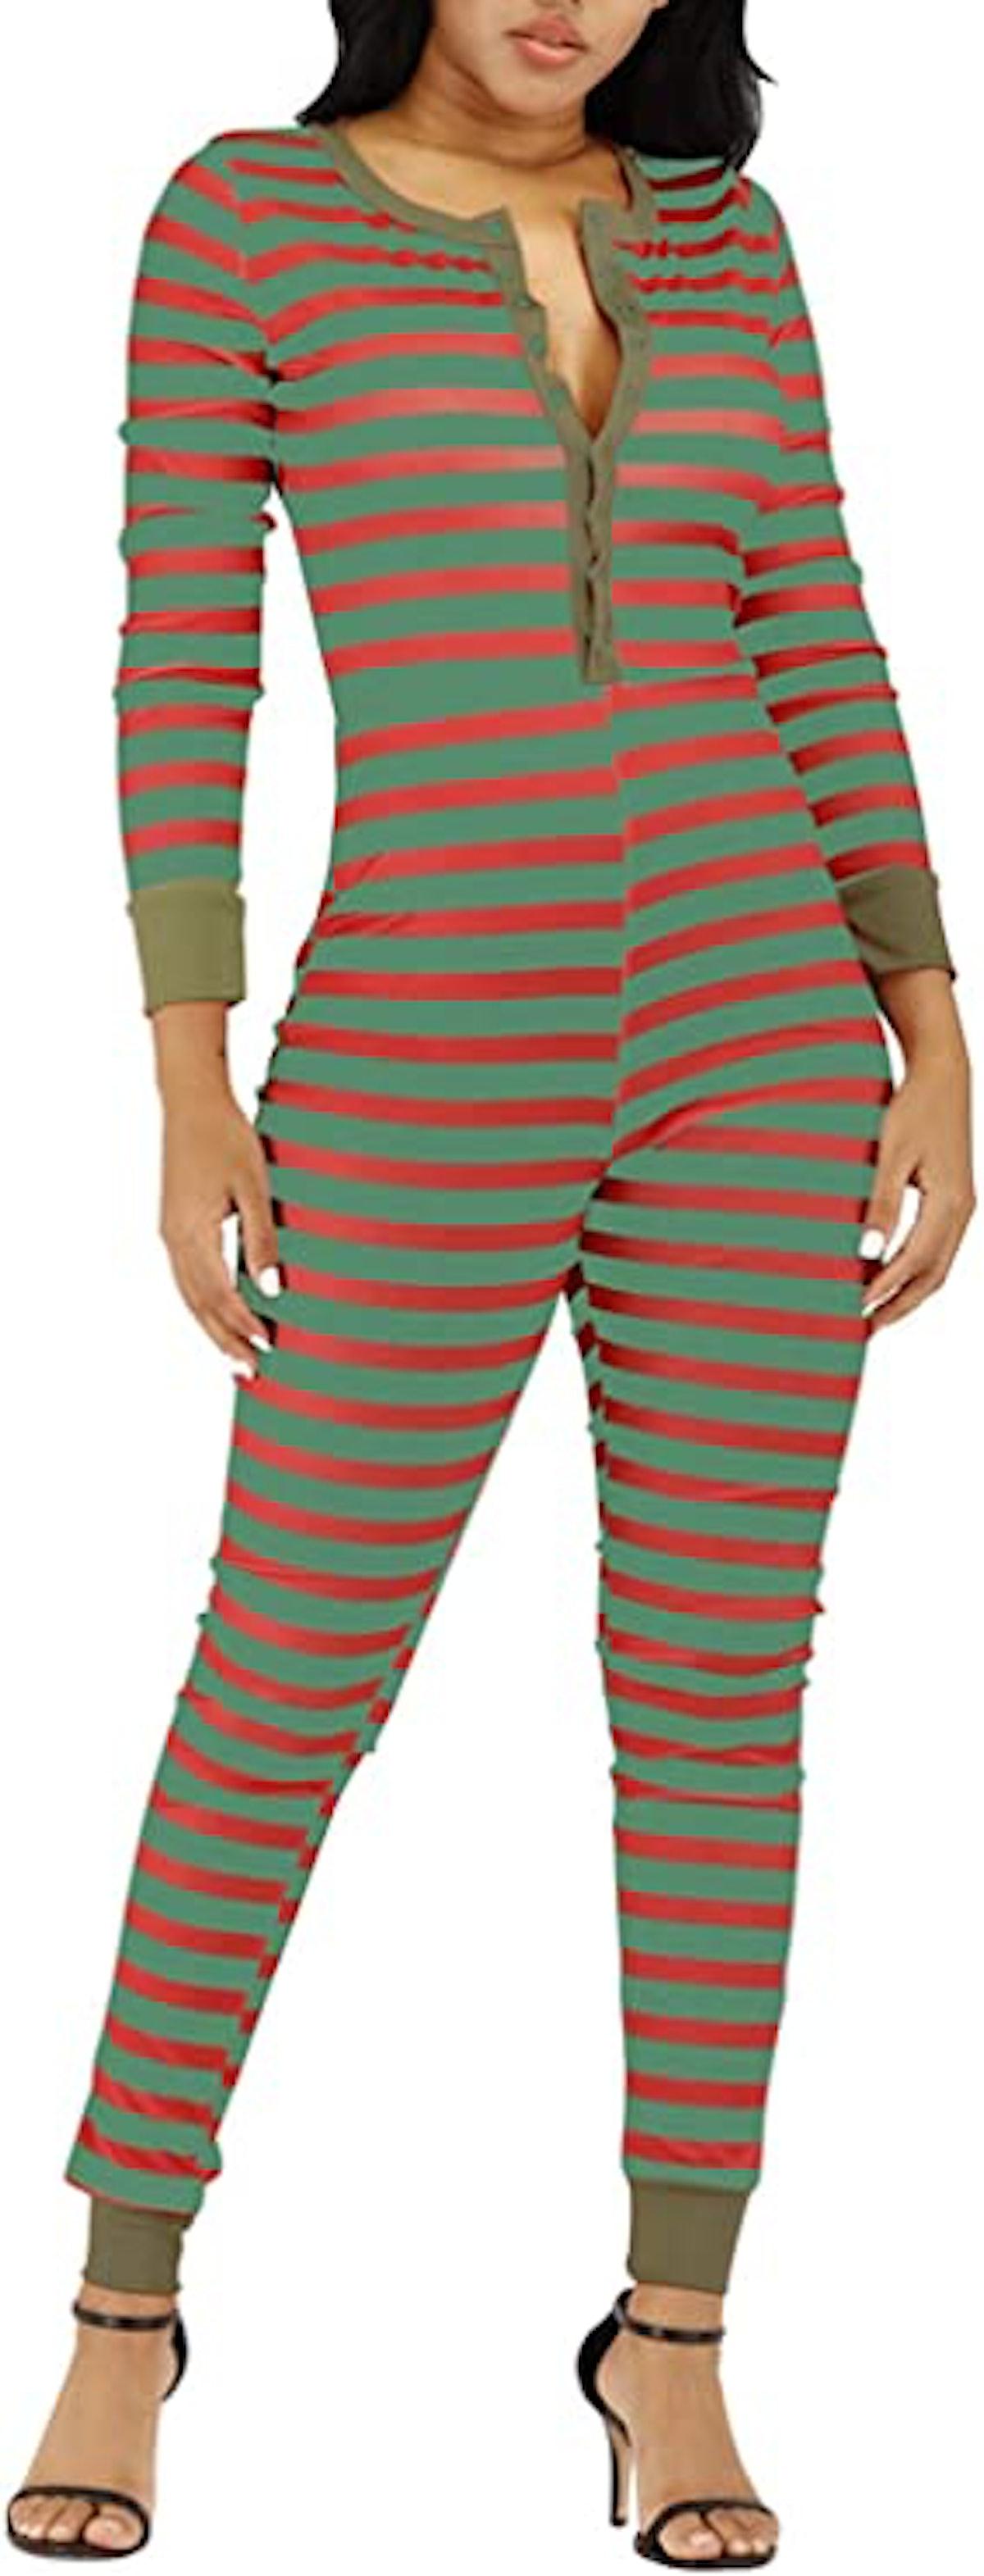 VNVNE Women's Petite Ugly Christmas Onesie Stripe Print One Piece Pajamas